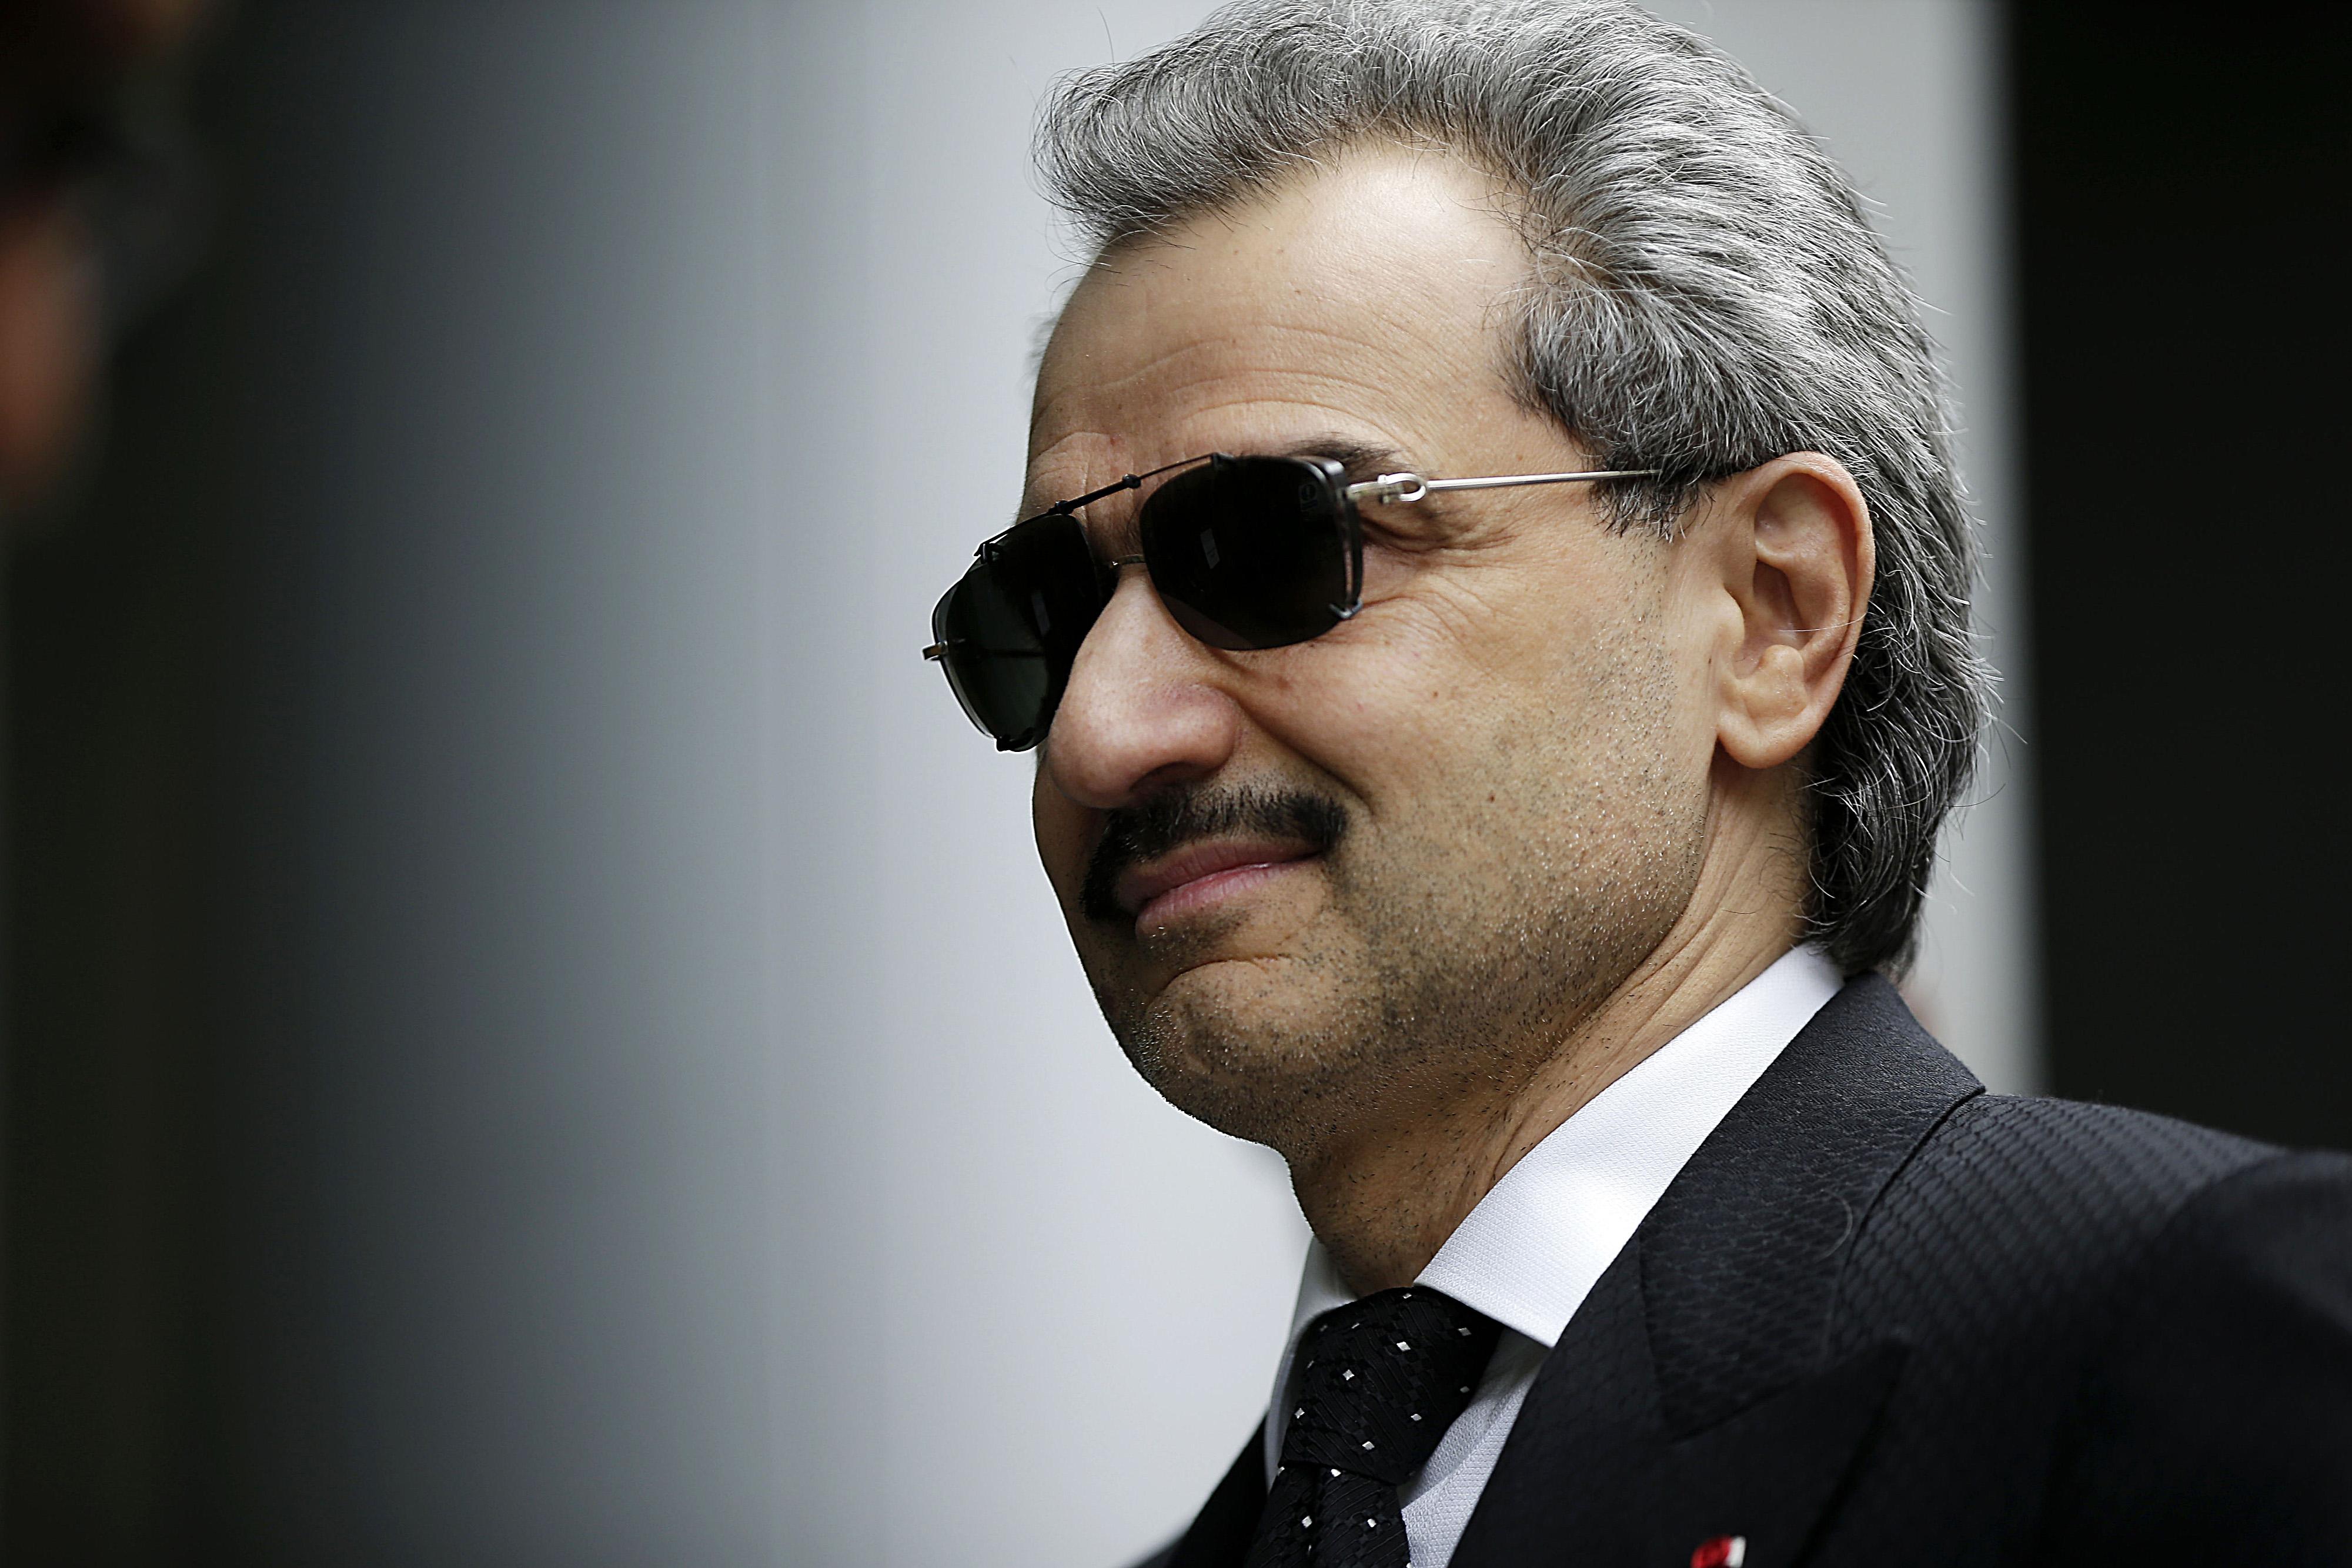 هتلهای «بن طلال» در بیروت به فروش گذاشته شد